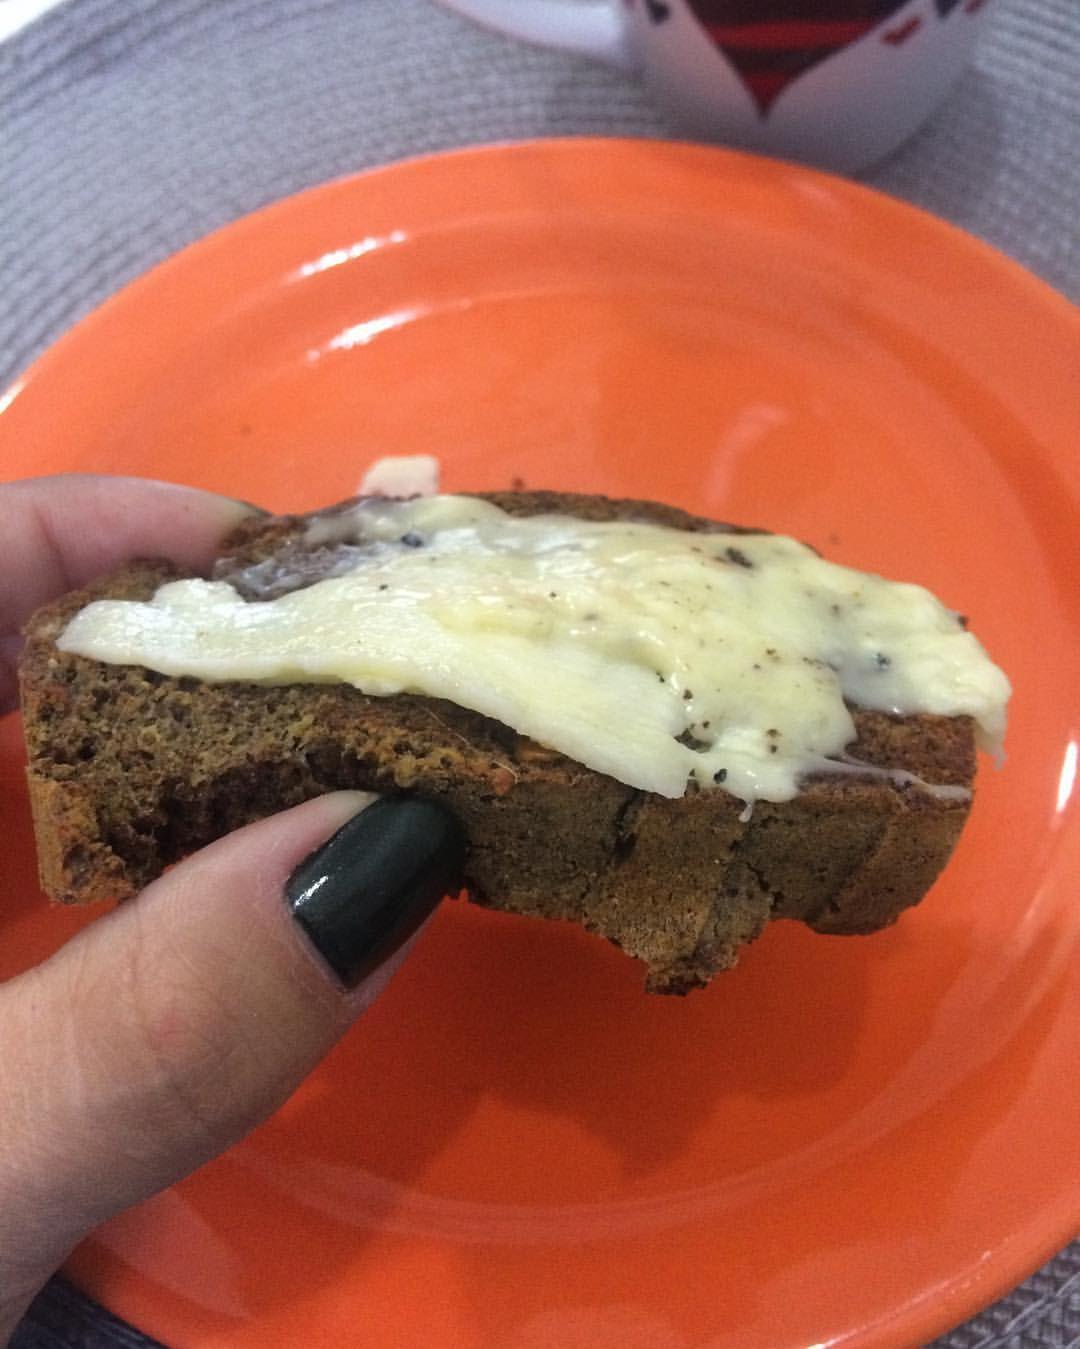 """378 curtidas, 30 comentários - Sou eu @lu_paleo_lowcarb (@lu_silvaraujo) no Instagram: """"Café com pão de berinjela e queijo derretido 😋 Receita da @nutrideia Sucesso! 1 xícara de…"""""""